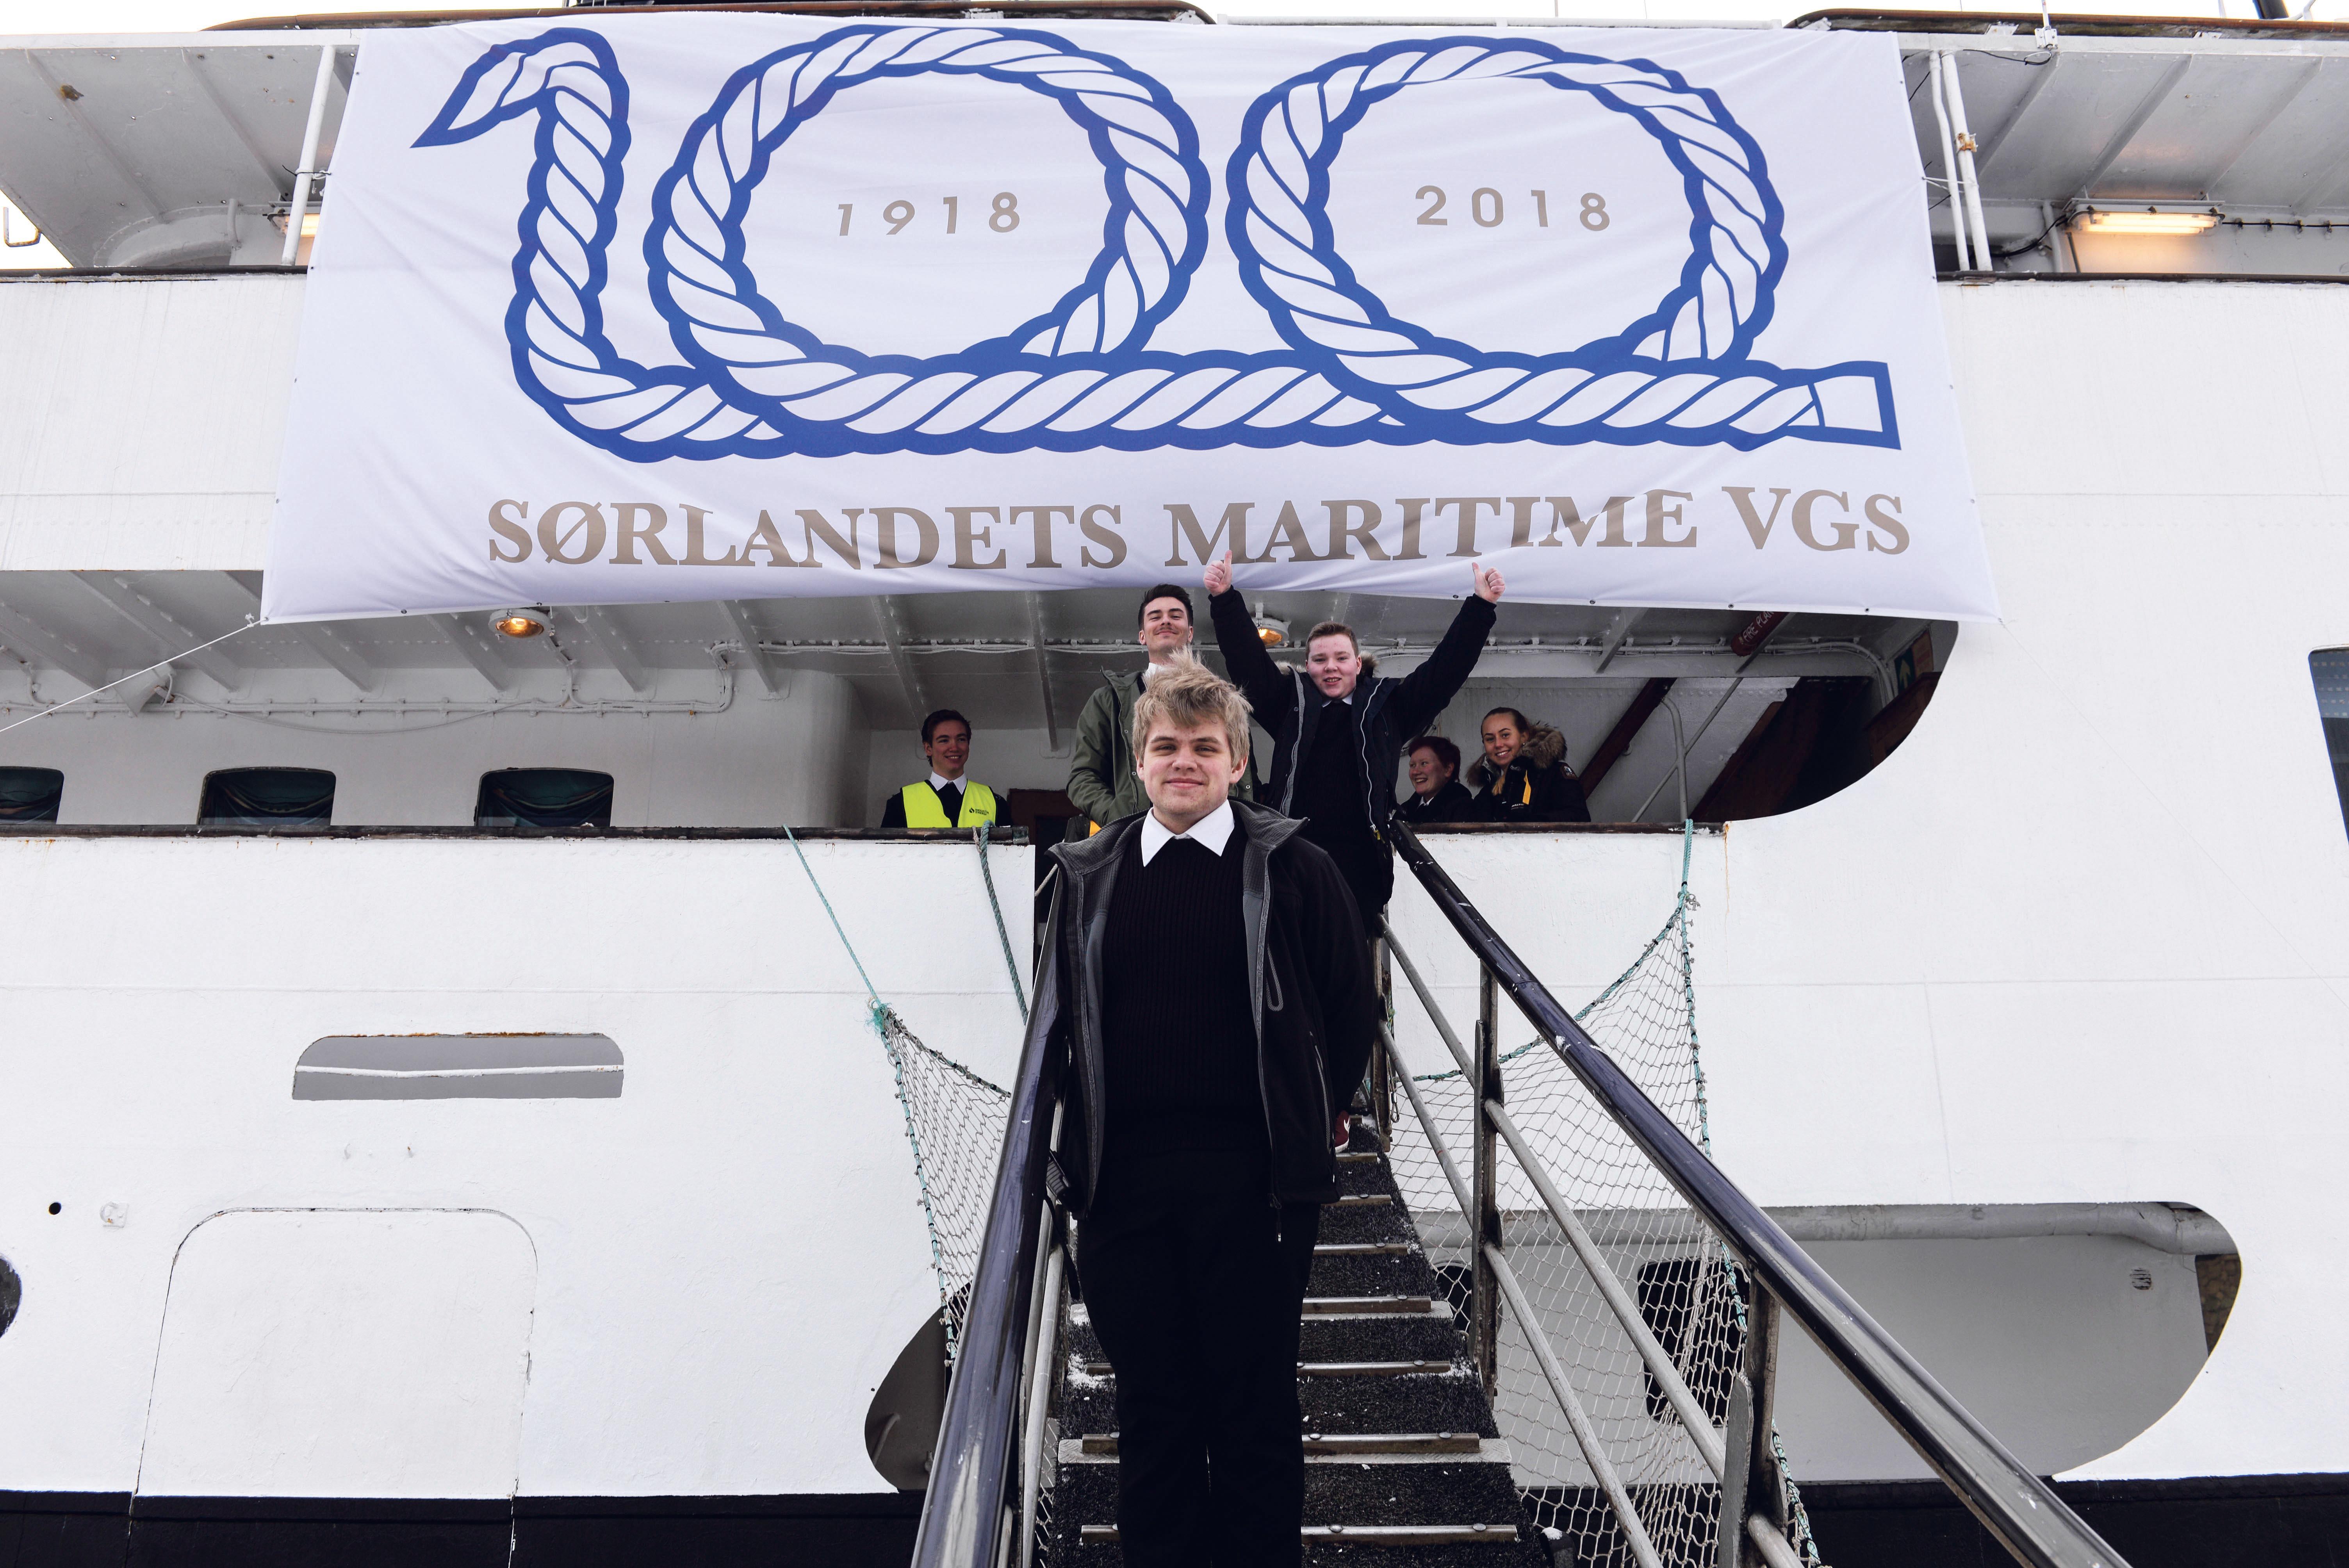 VELKOMMEN: Torjus Levisen Johansen Og Hans Medelever ønsker velkommen Ombord På Sjøkurs.